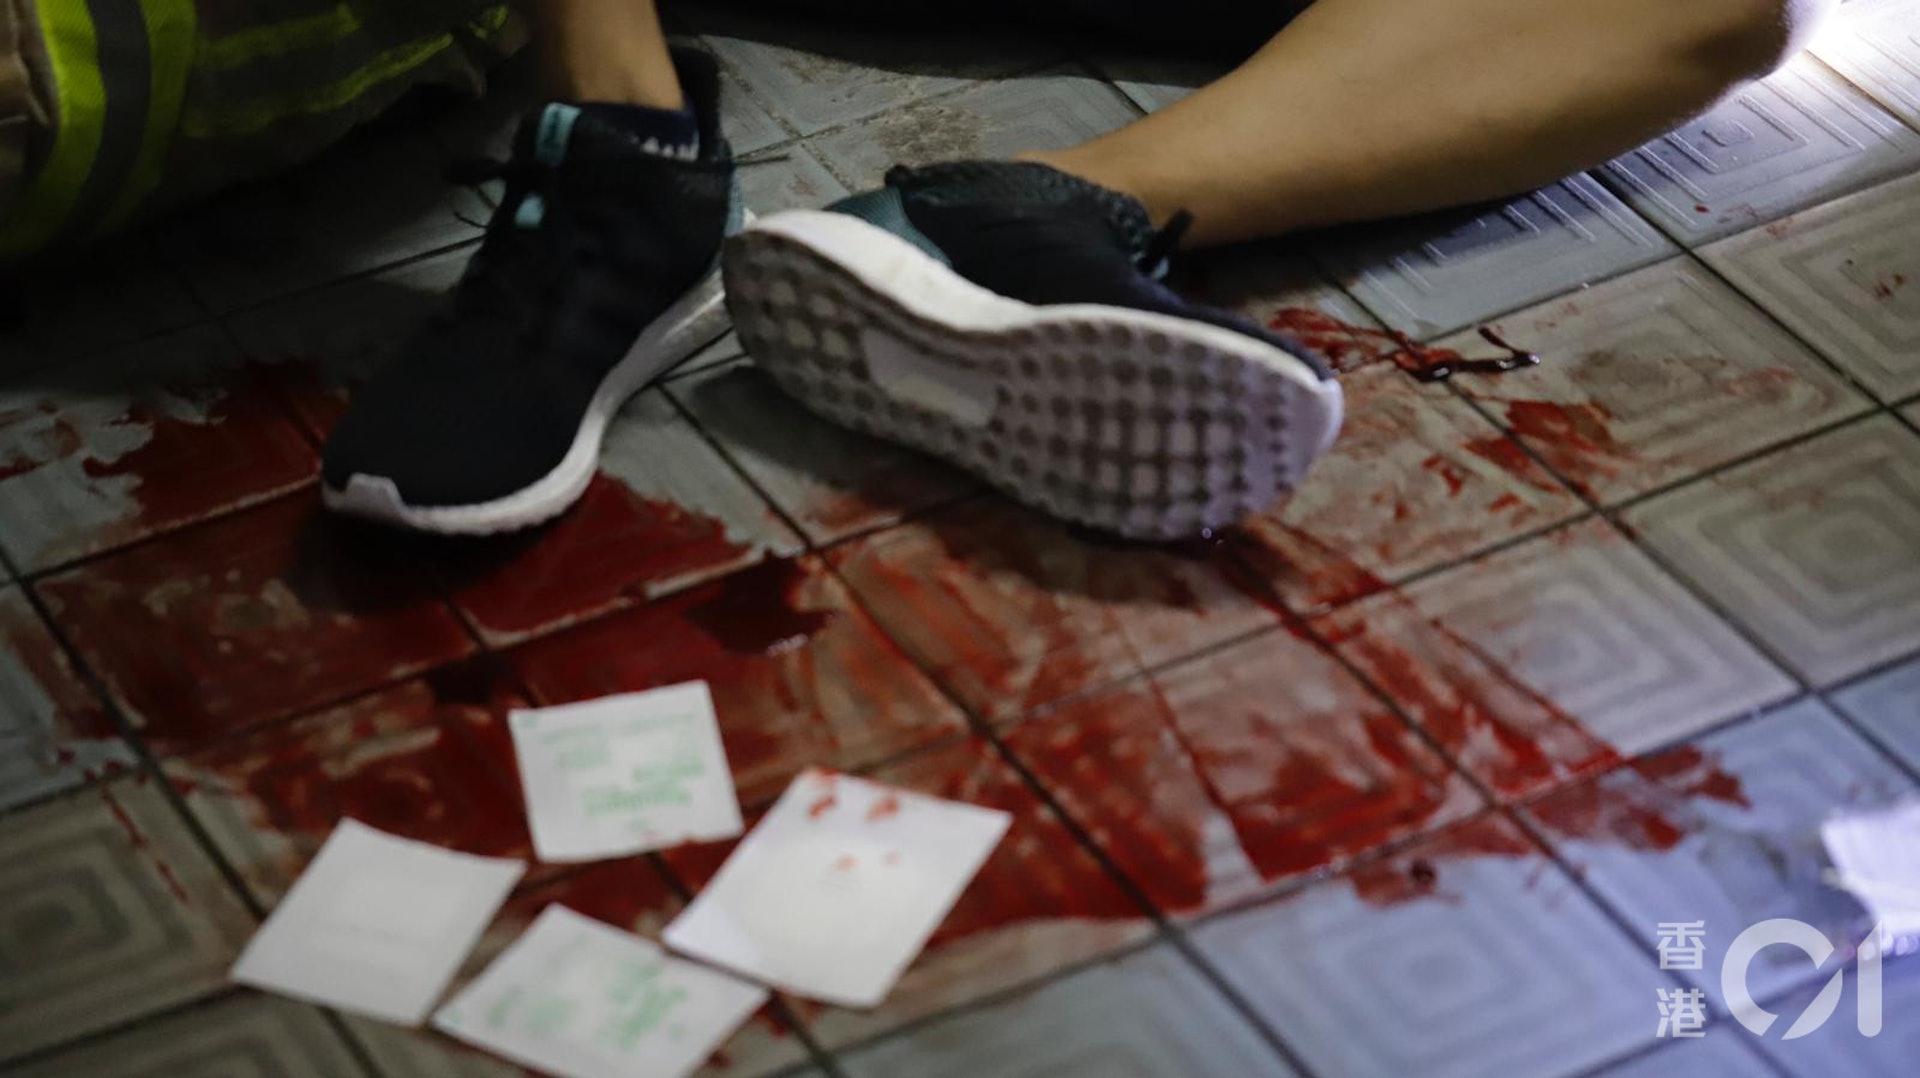 墮樓科大生大量流血。(讀者提供)